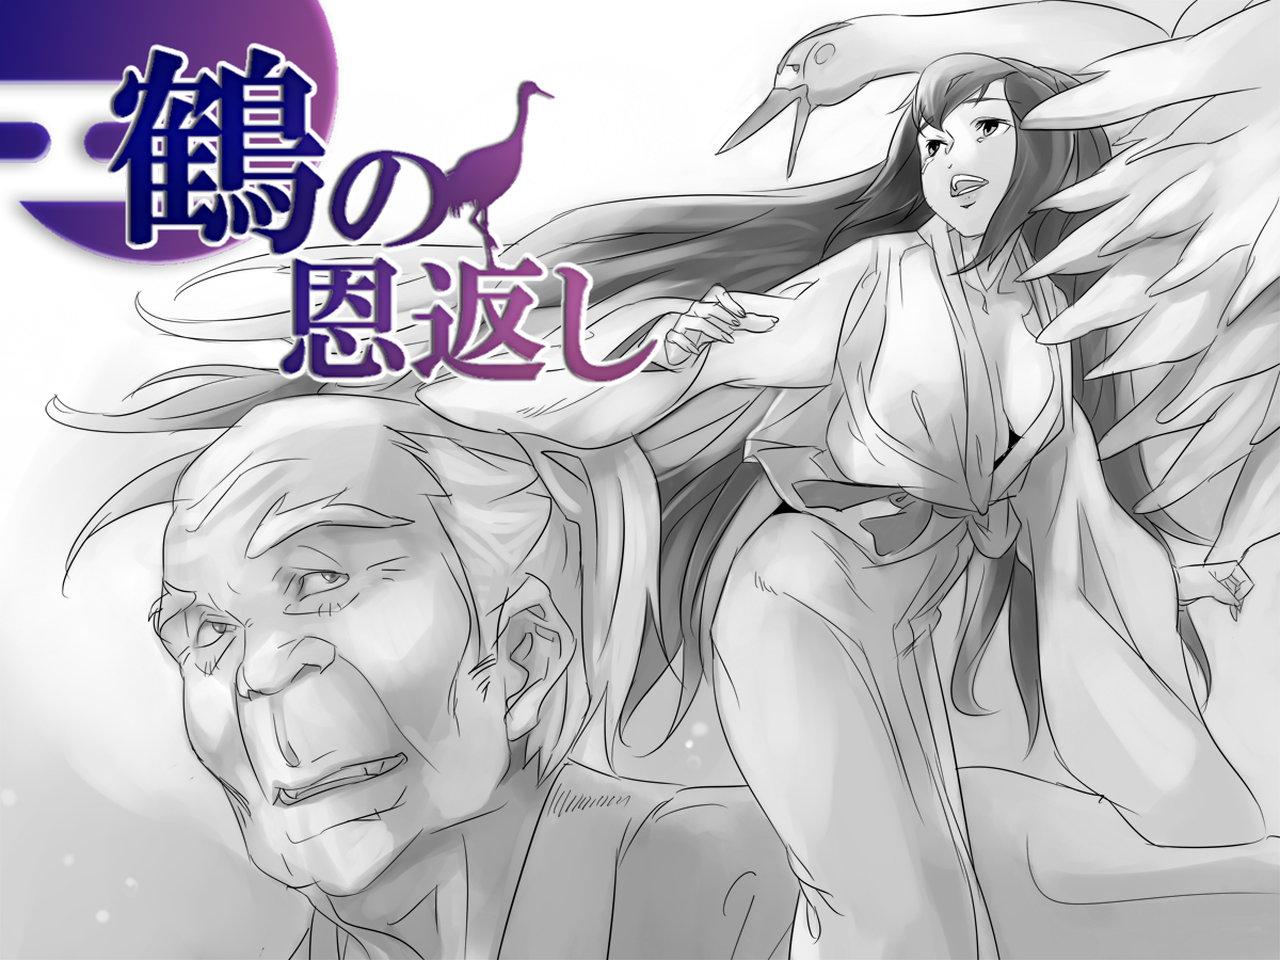 【エロ漫画・エロ同人誌】鶴の恩返しのお爺さんが巨根だった結果www